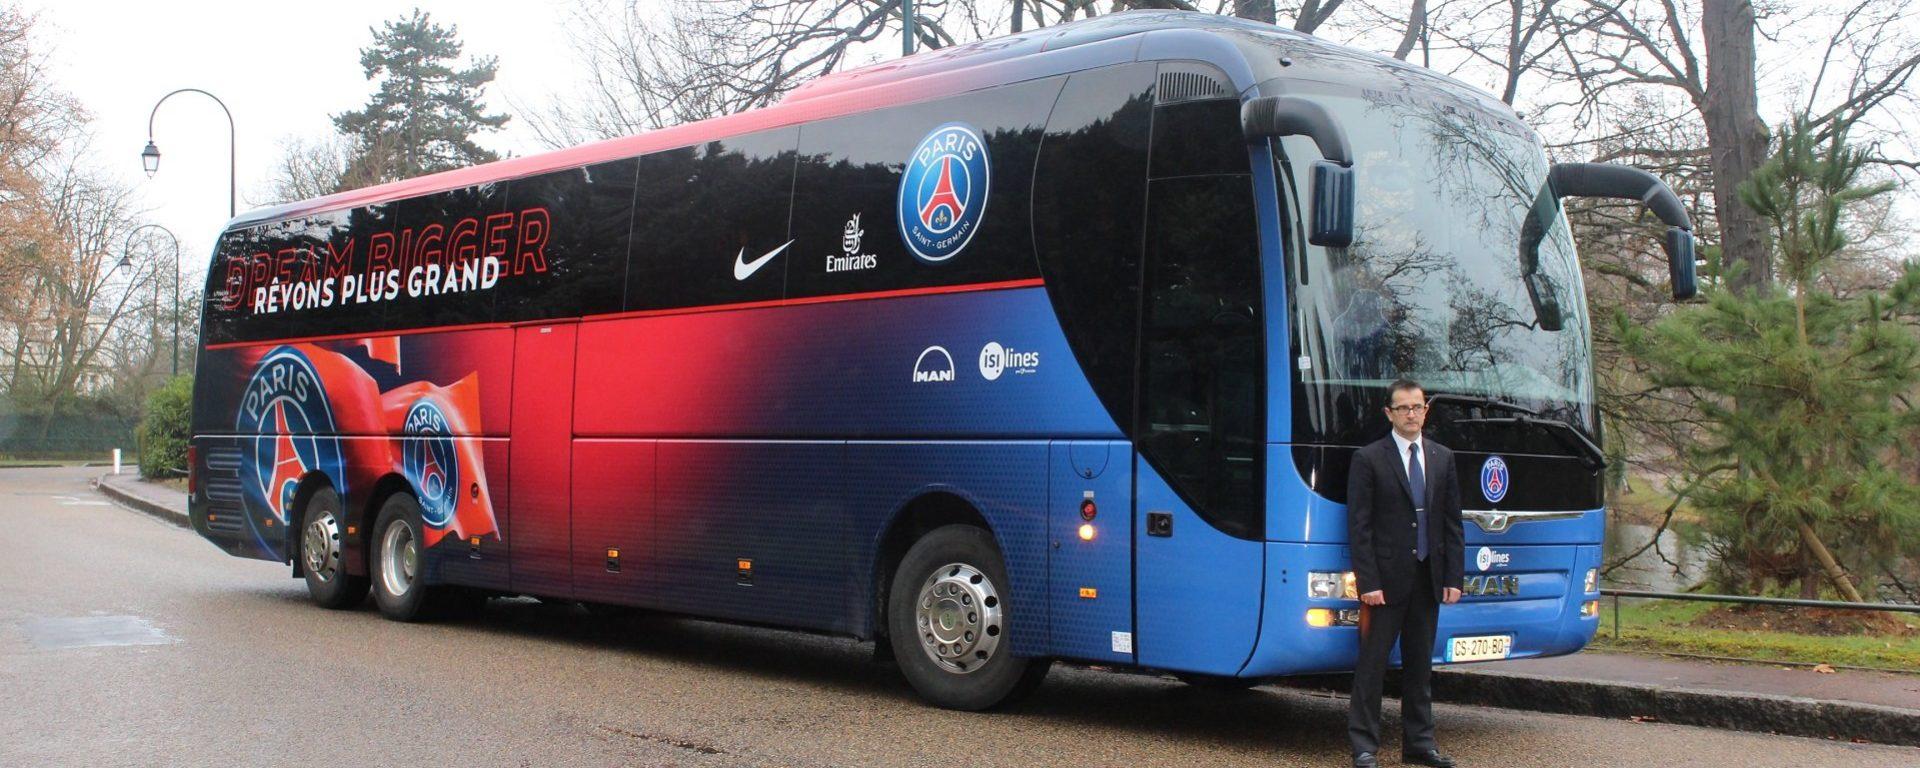 Transdev isilines autocar équipe supporters PSG transporteur officiel évenementiel